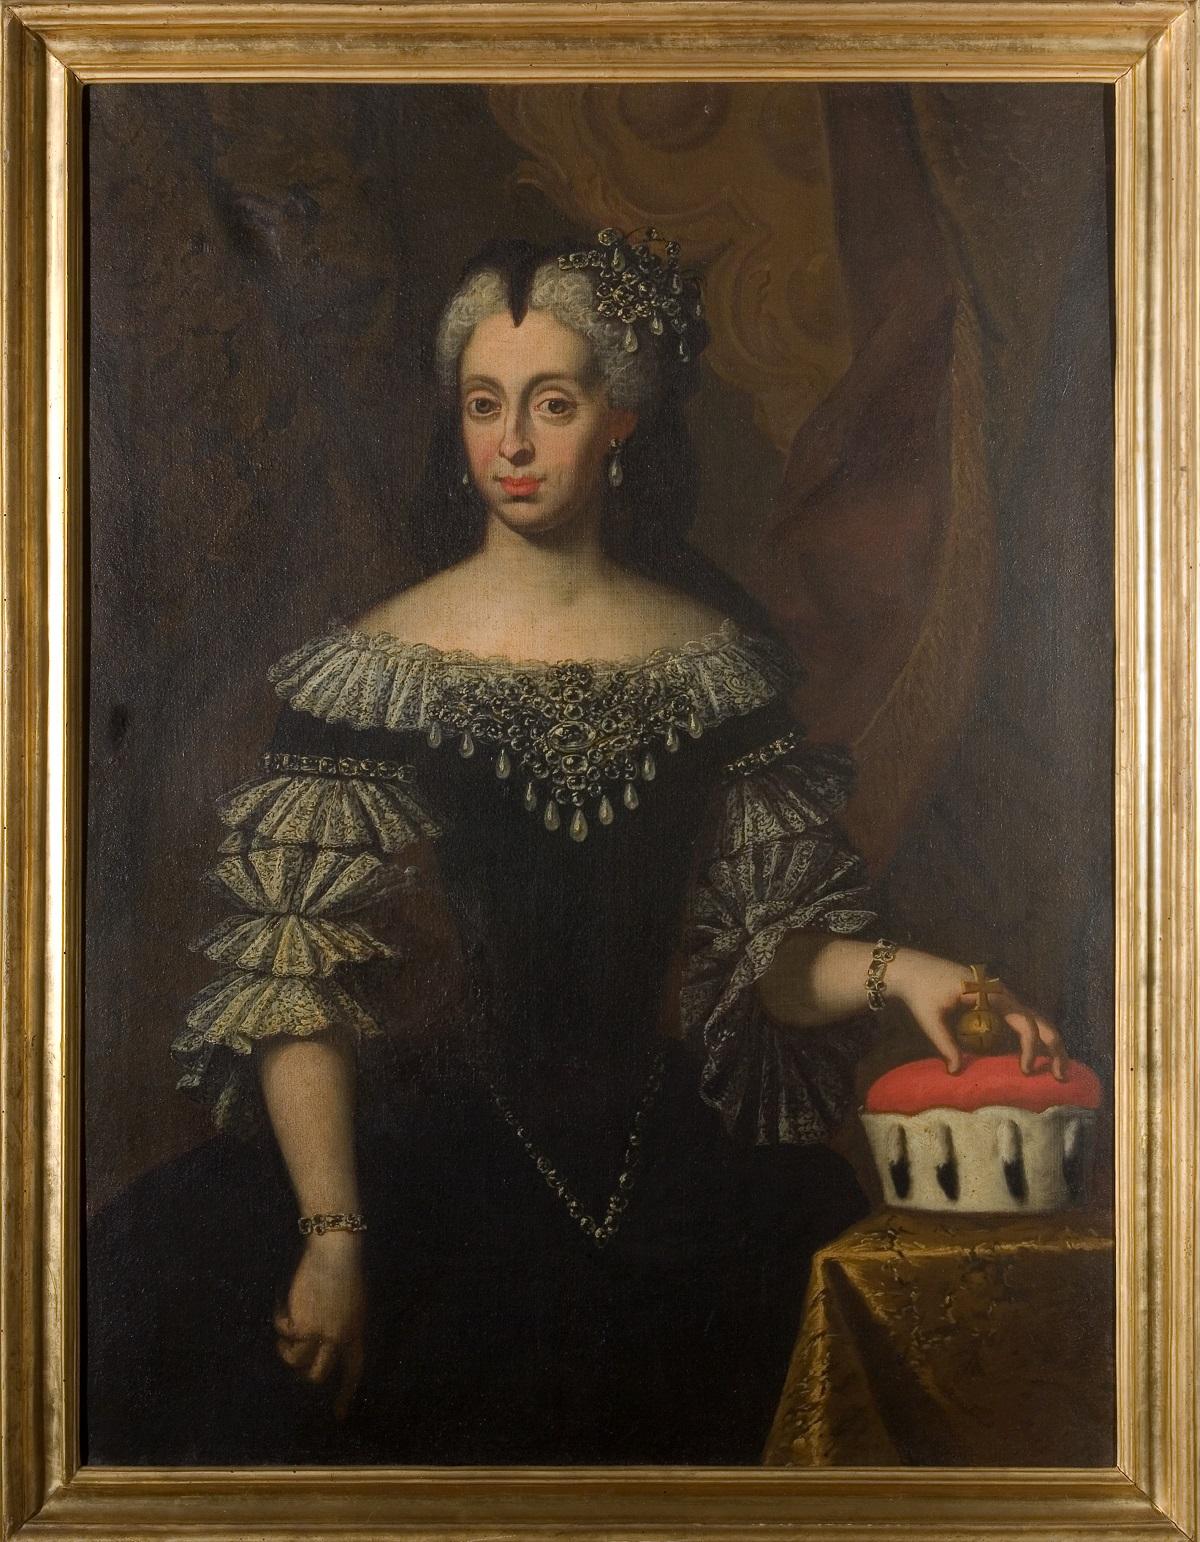 Il ritratto di Anna Maria Luisa torna a Palazzo Vecchio, restaurato